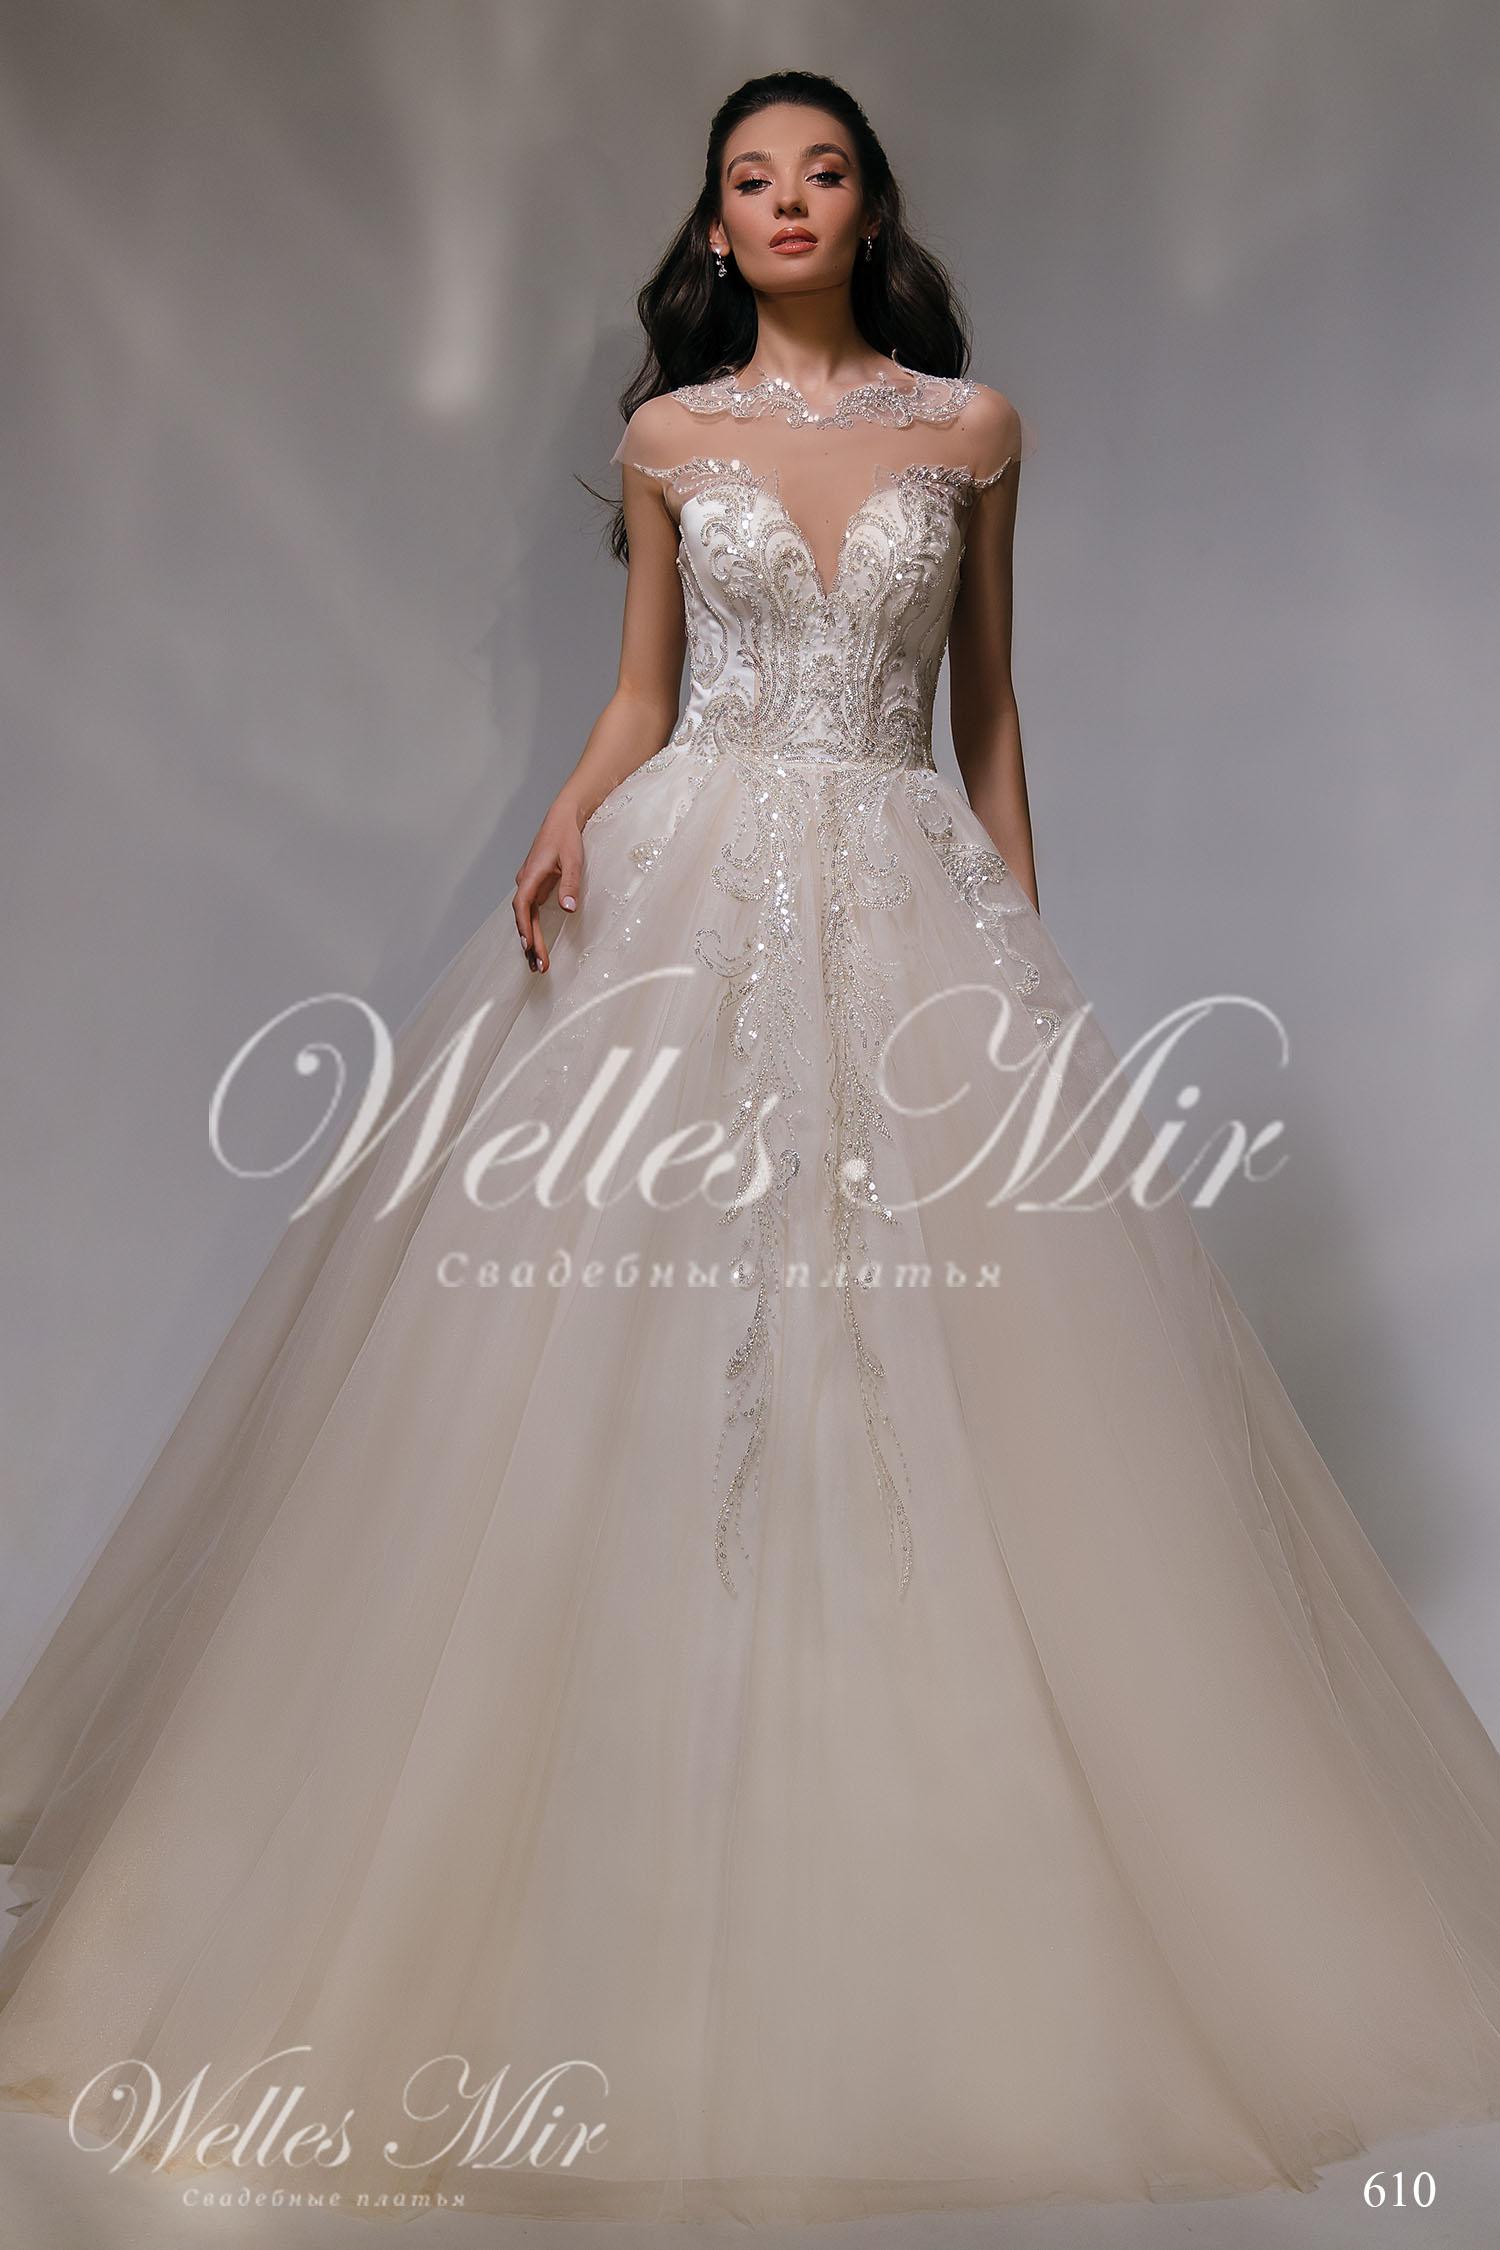 Свадебные платья Nothern Lights - 610